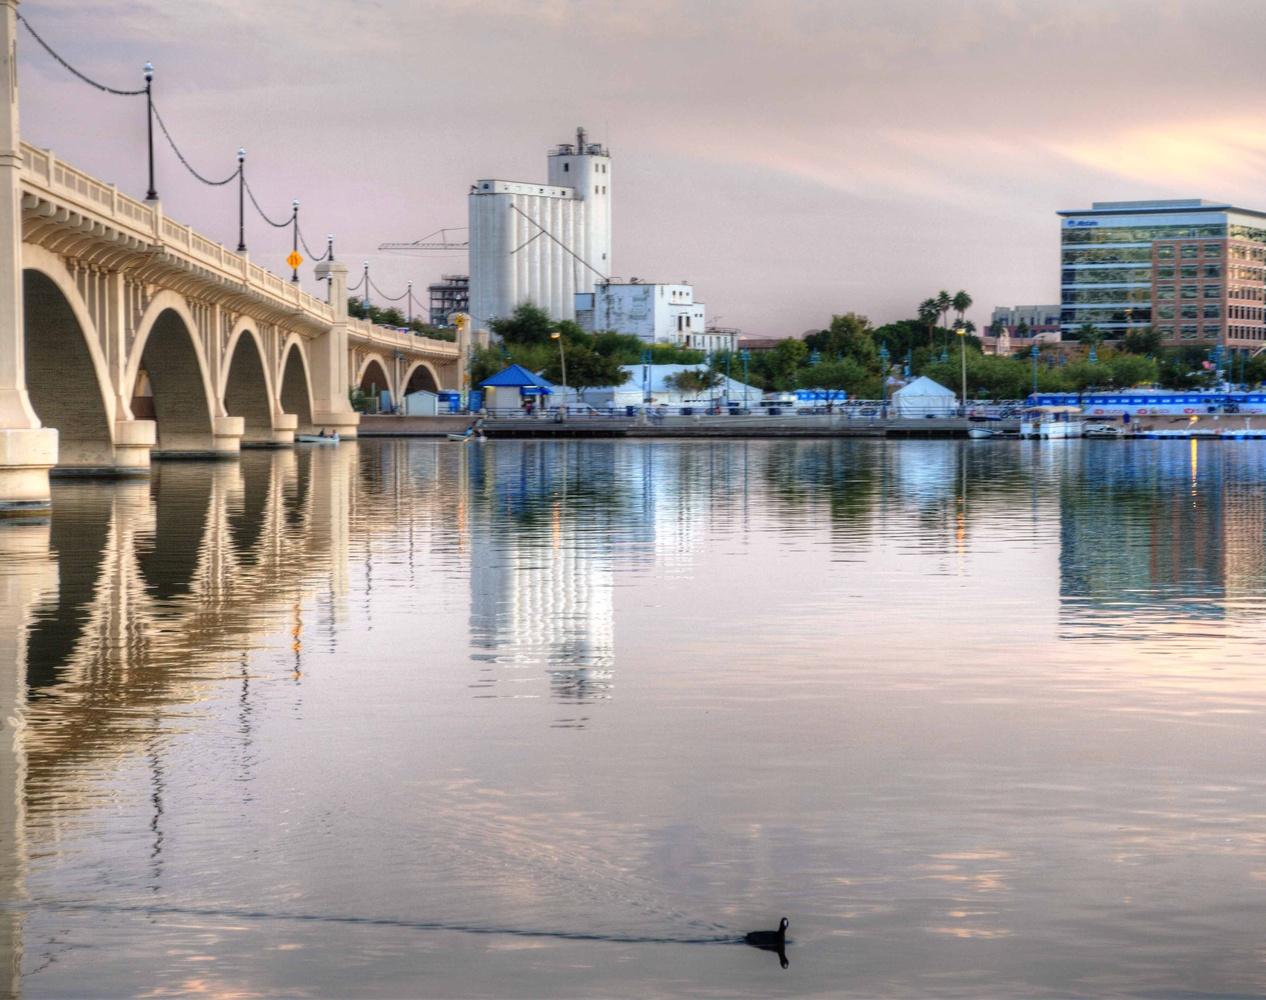 Tempe town Lake Bridge by John McCracken